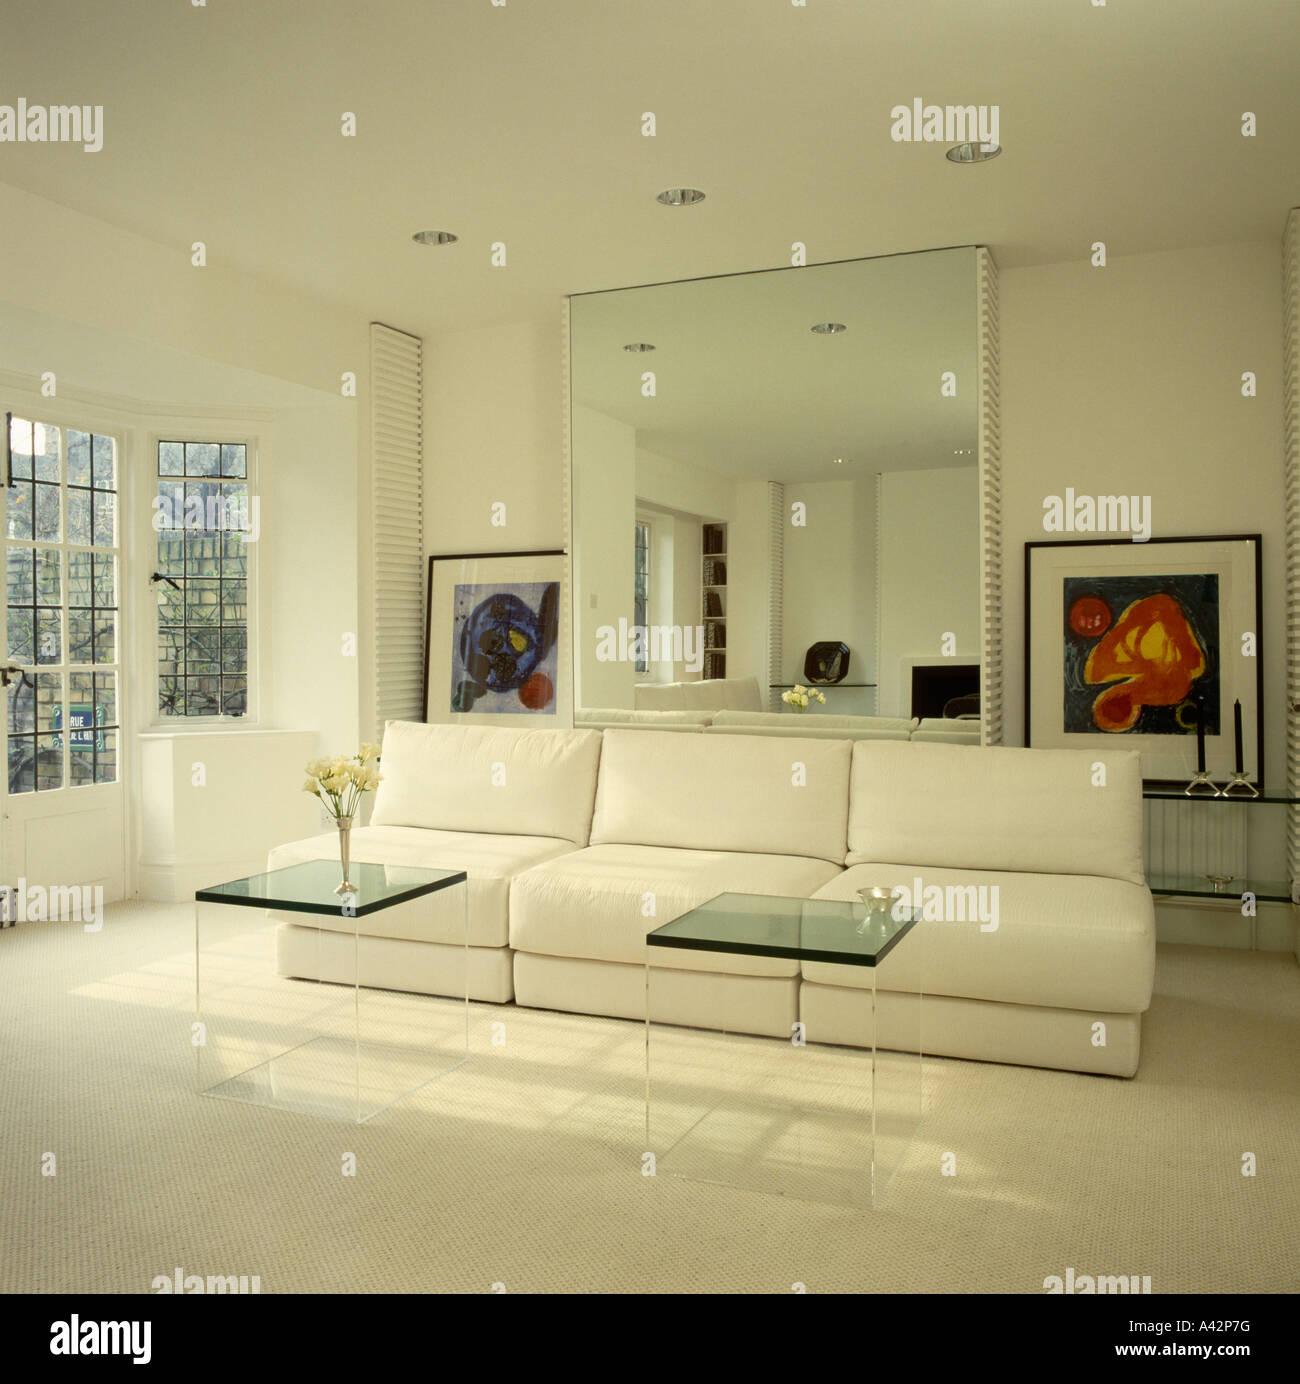 Plexiglas-Couchtische vor großen weißen Sofa im Wohnzimmer moderne